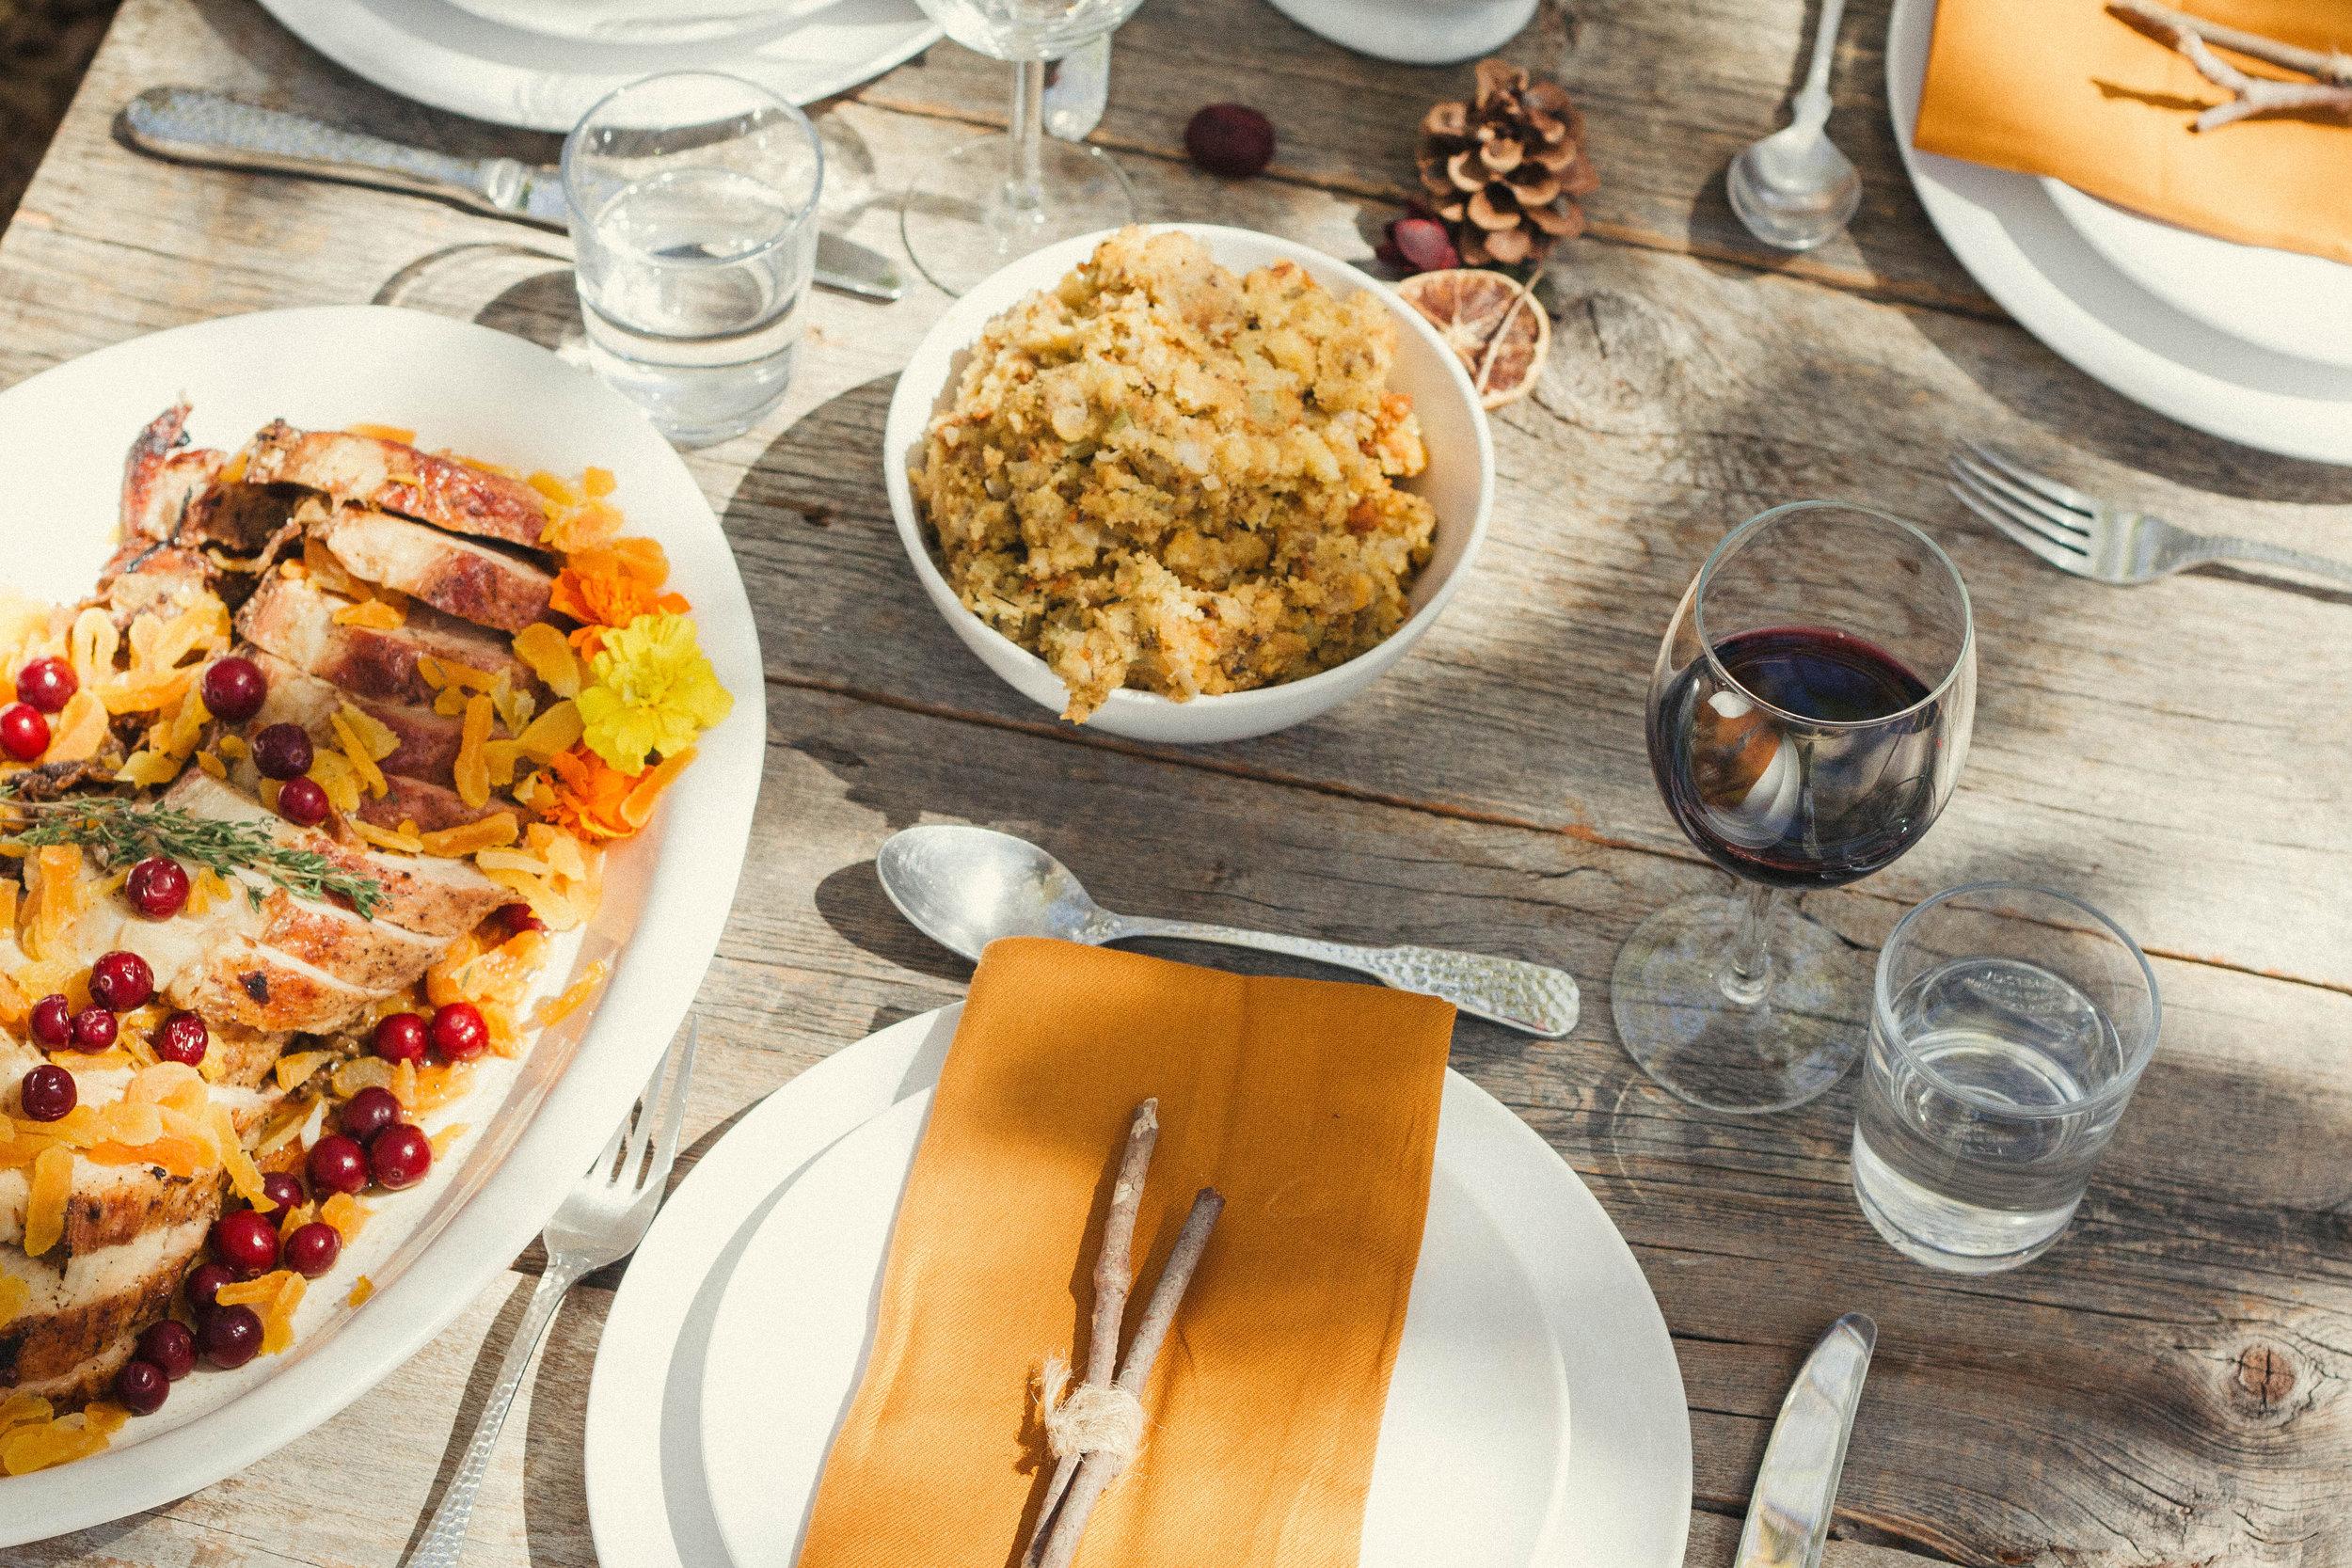 Pork tenderloin table setting.jpg